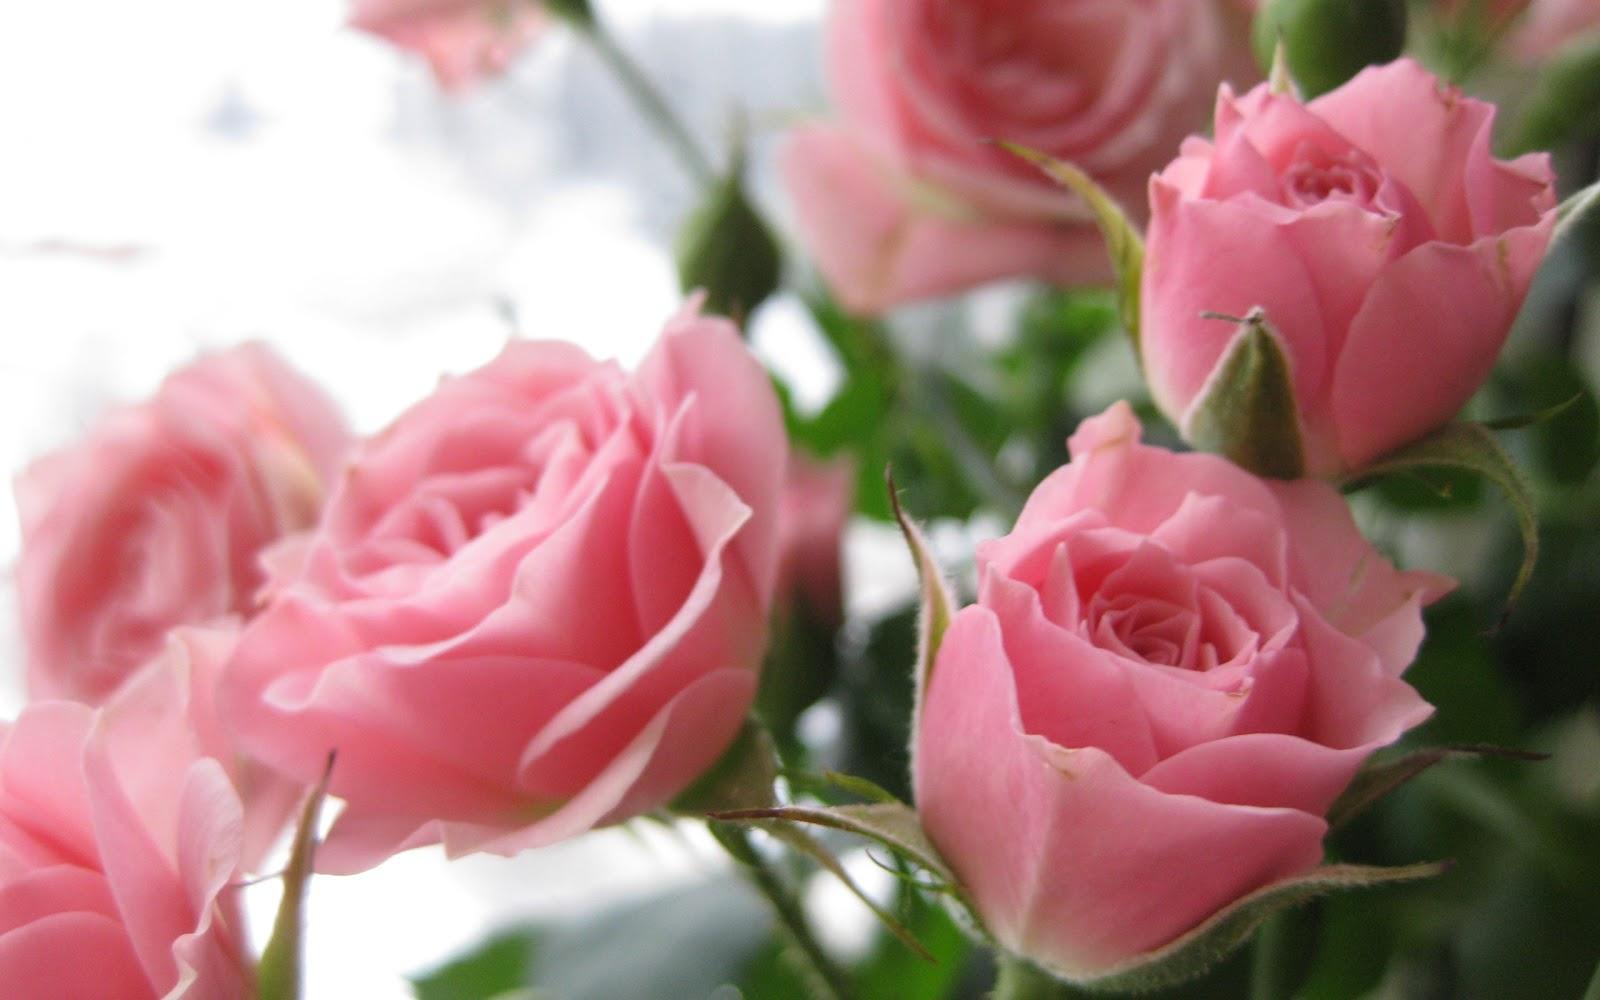 Imagens de Fundo: Rosas cor-de-rosa: imagens-de-fundo.blogspot.com/2012/04/rosas-cor-de-rosa.html